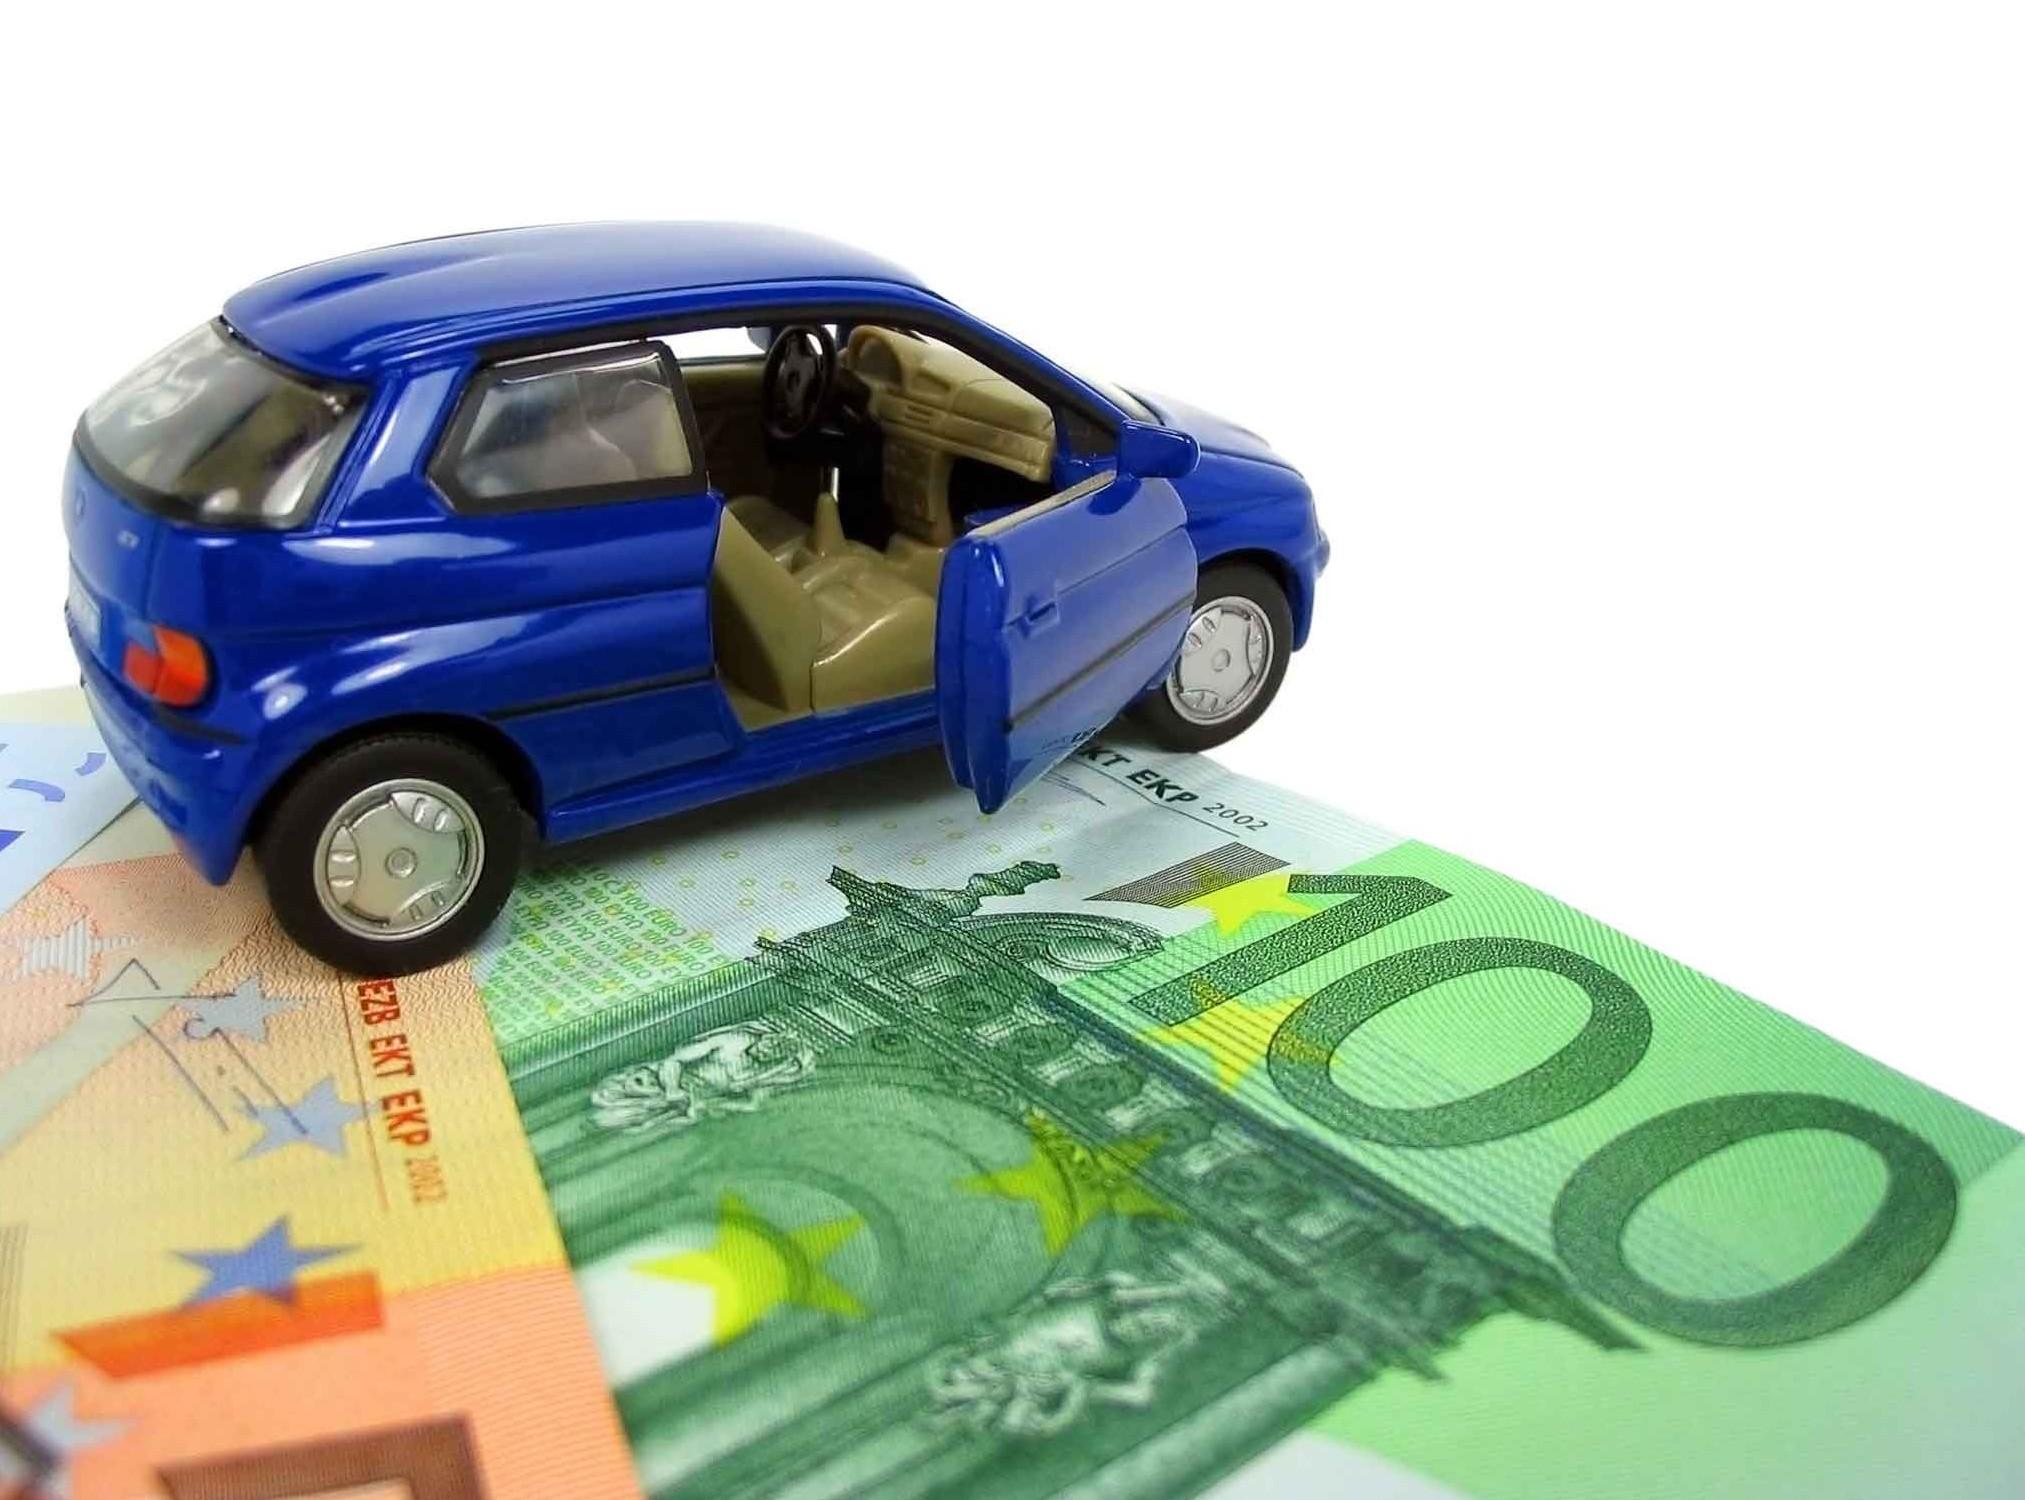 Migliori assicurazioni rc auto Ottobre 2